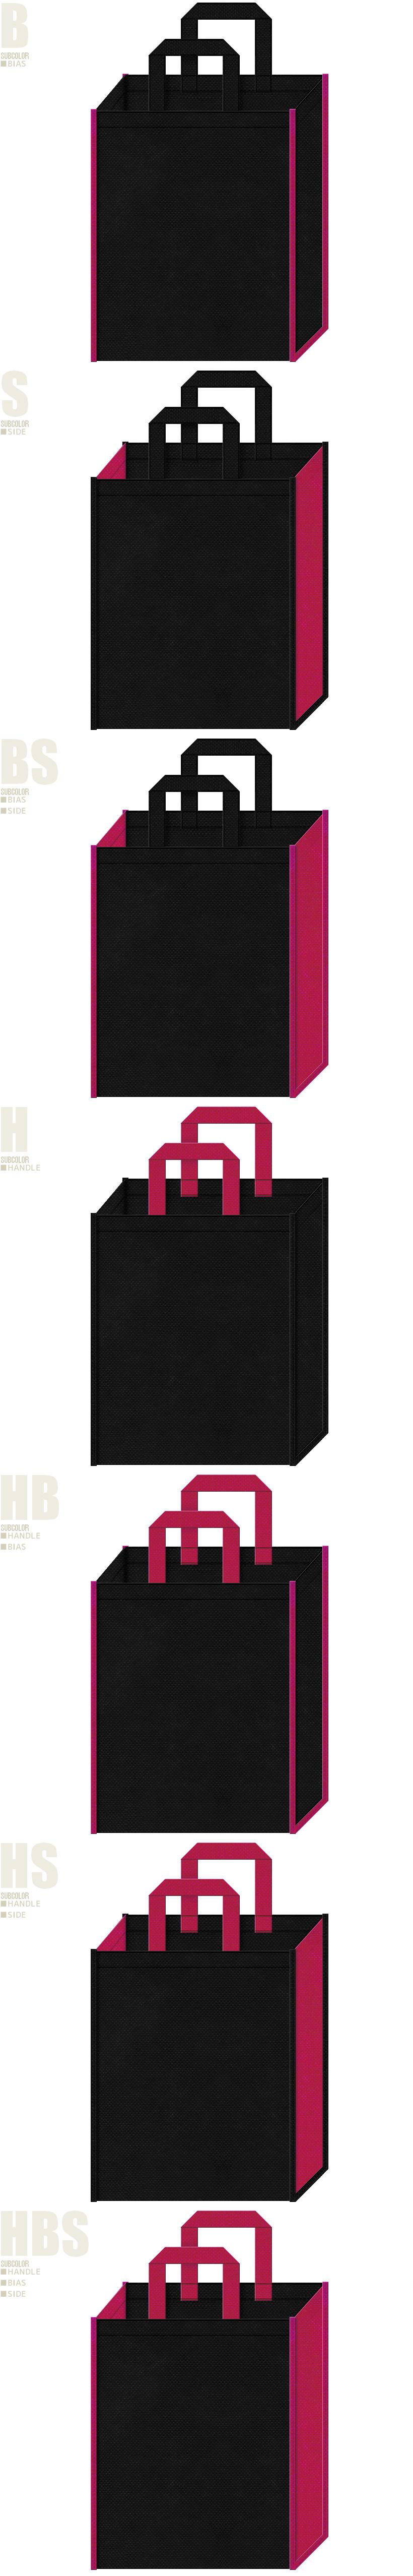 黒色と濃いピンク色、7パターンの不織布トートバッグ配色デザイン例。スポーティーファッションにお奨めです。